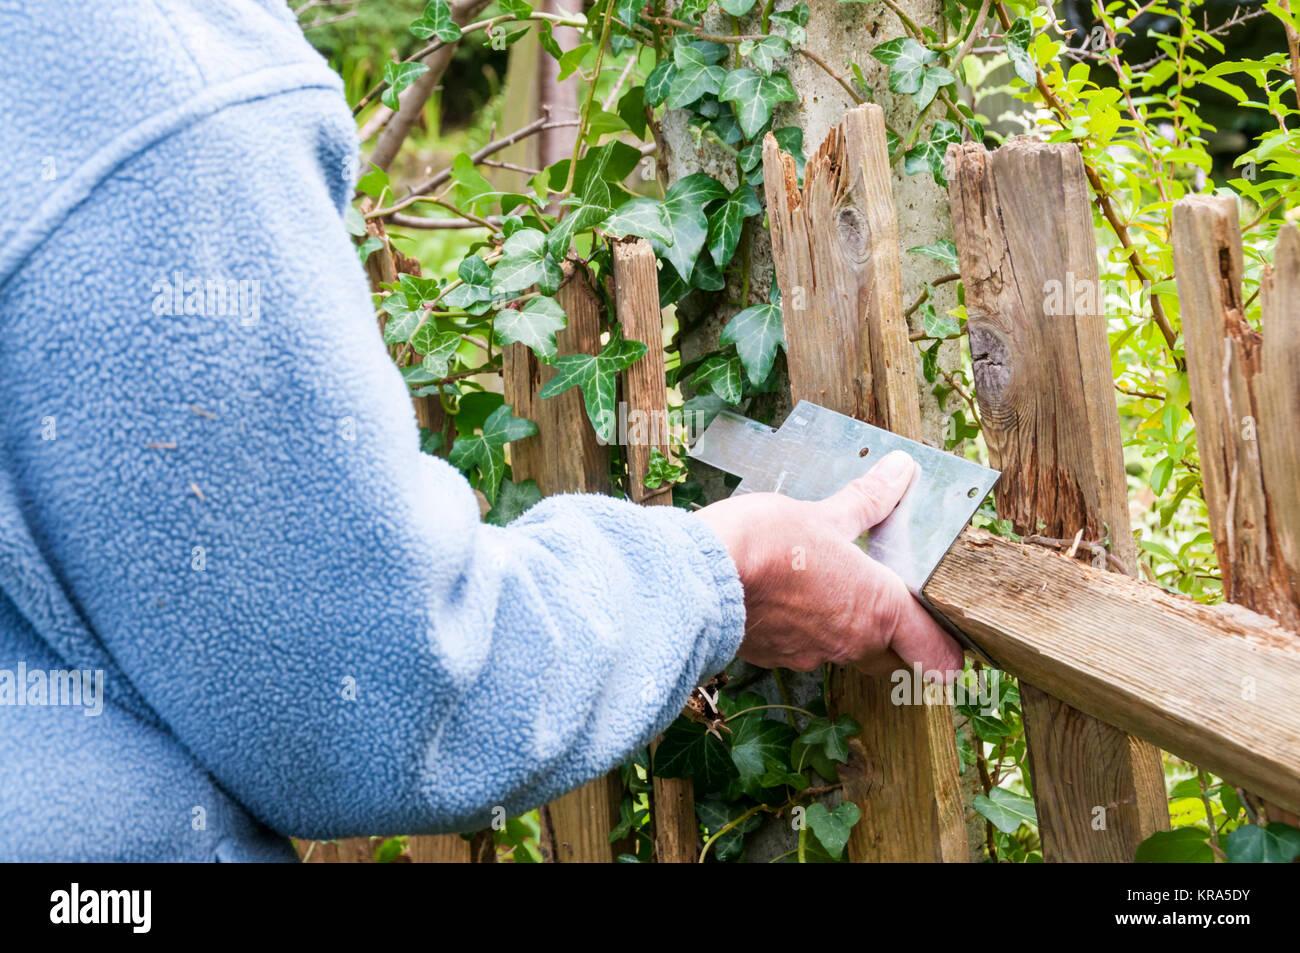 Mending a wooden garden fence. Stock Photo